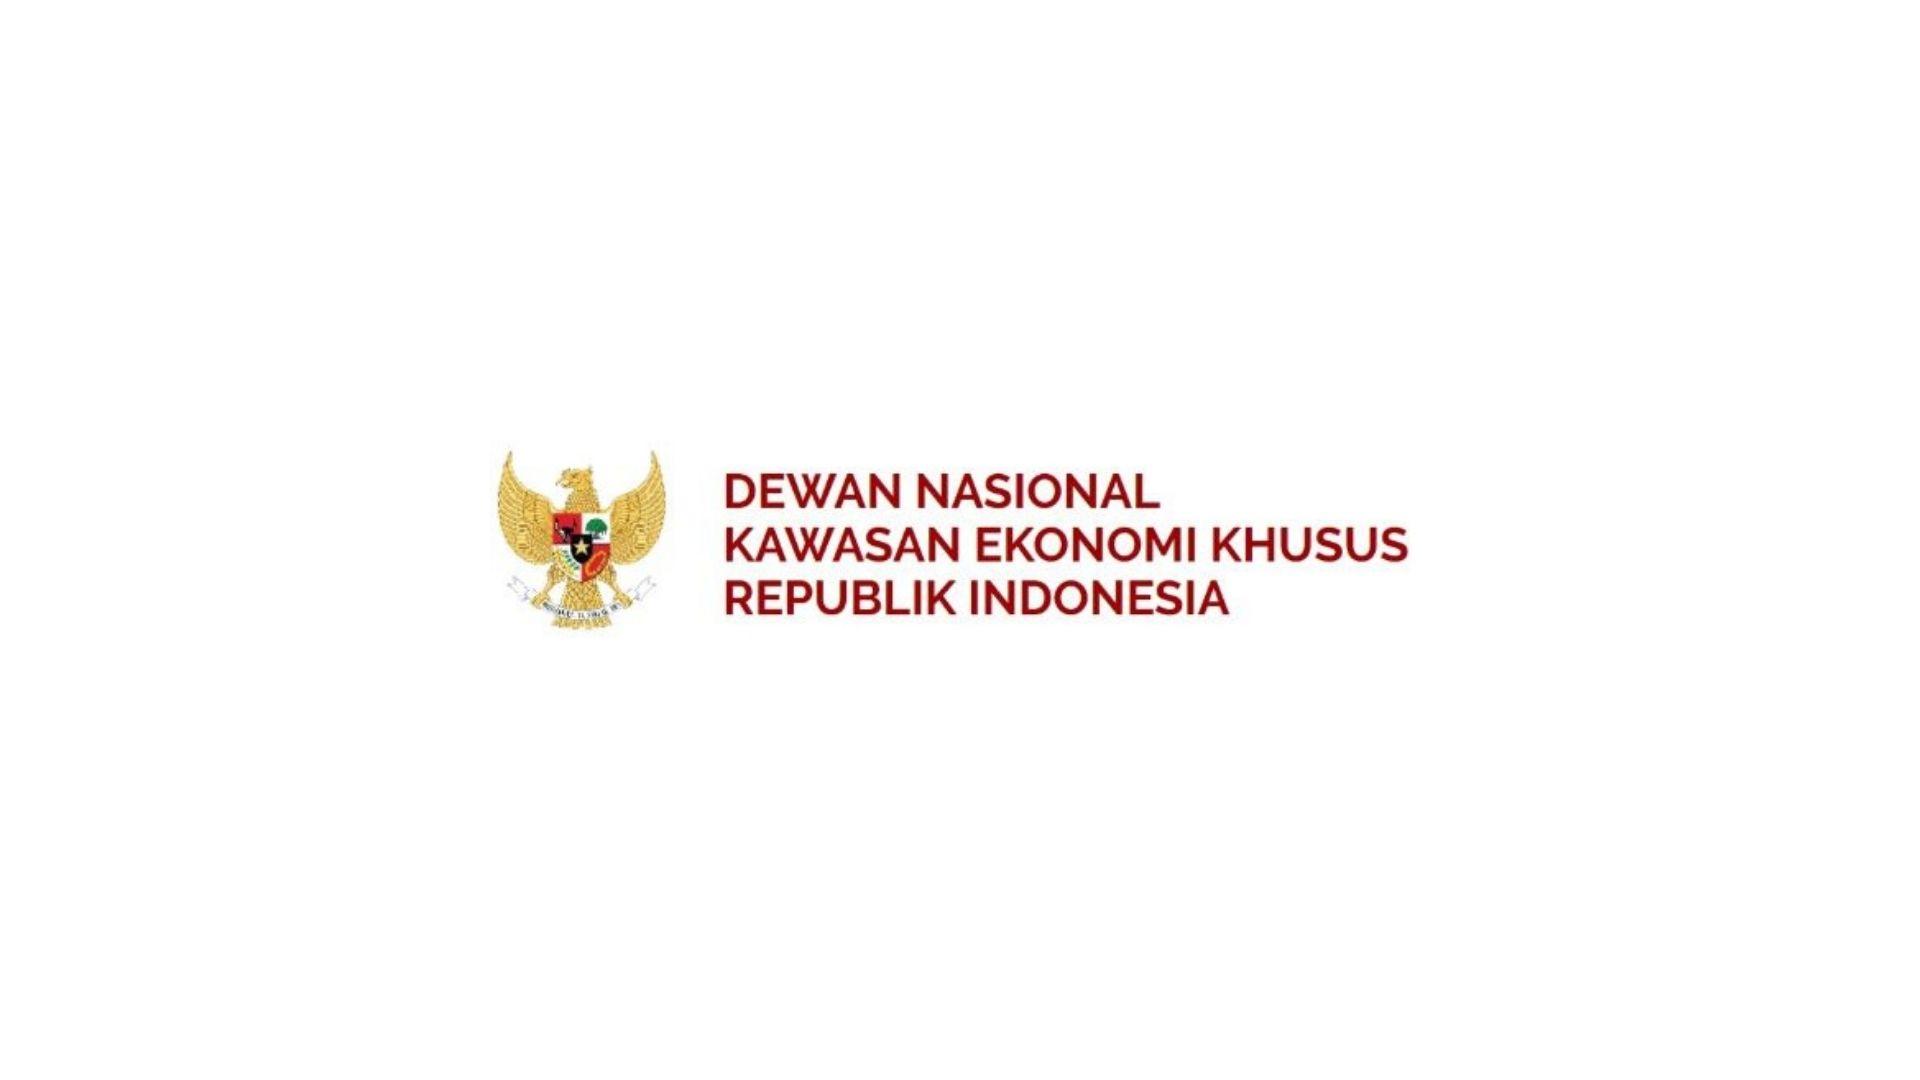 Lowongan Tenaga Pendukung Dewan Nasional Kawasan Ekonomi Khusus